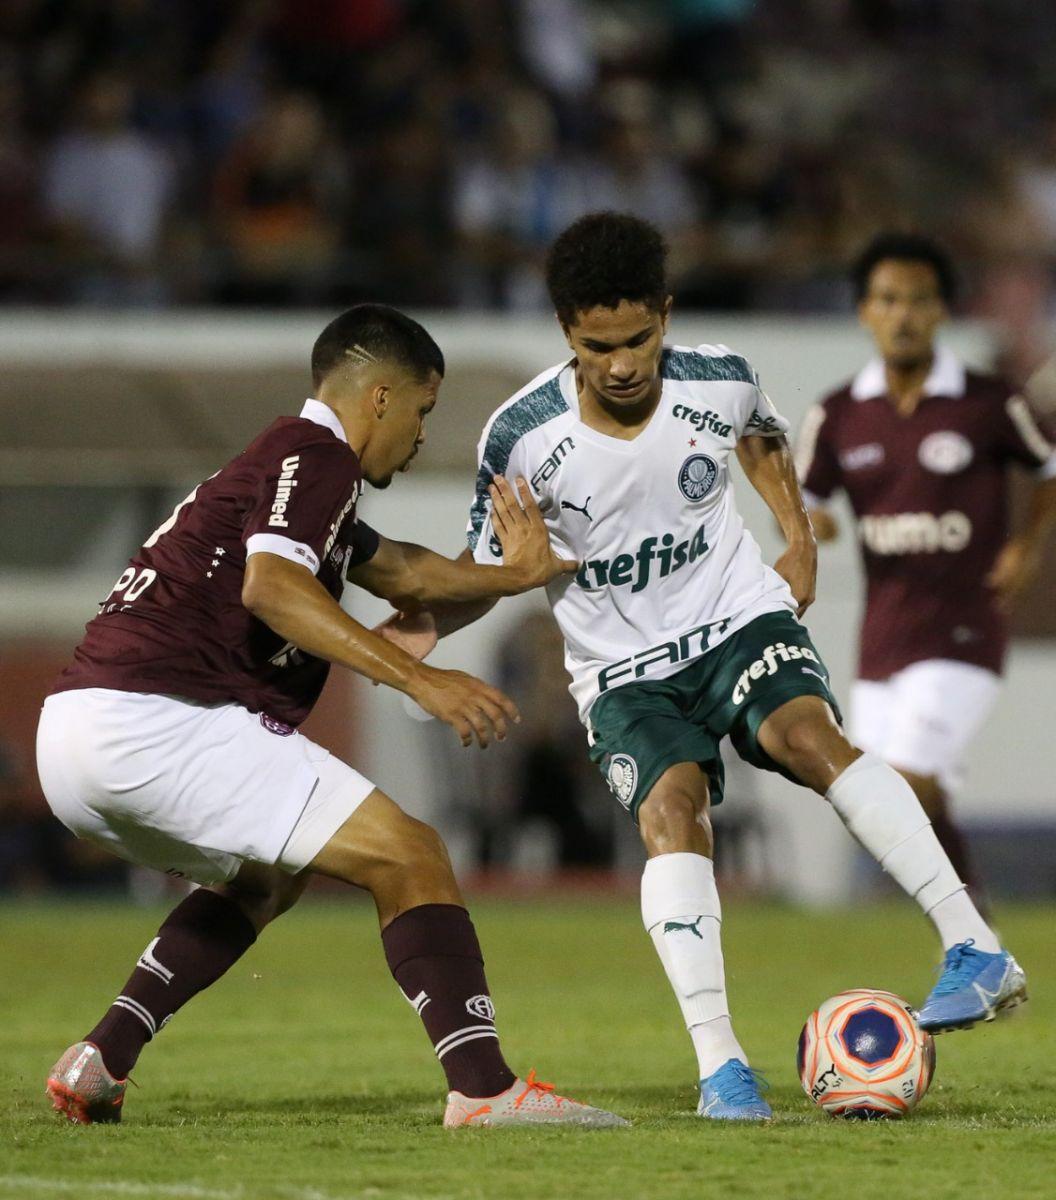 Fabio Menotti/Ag. Palmeiras/Divulgação_O Palmeiras terminou a primeira fase na vice-liderança do Grupo 17